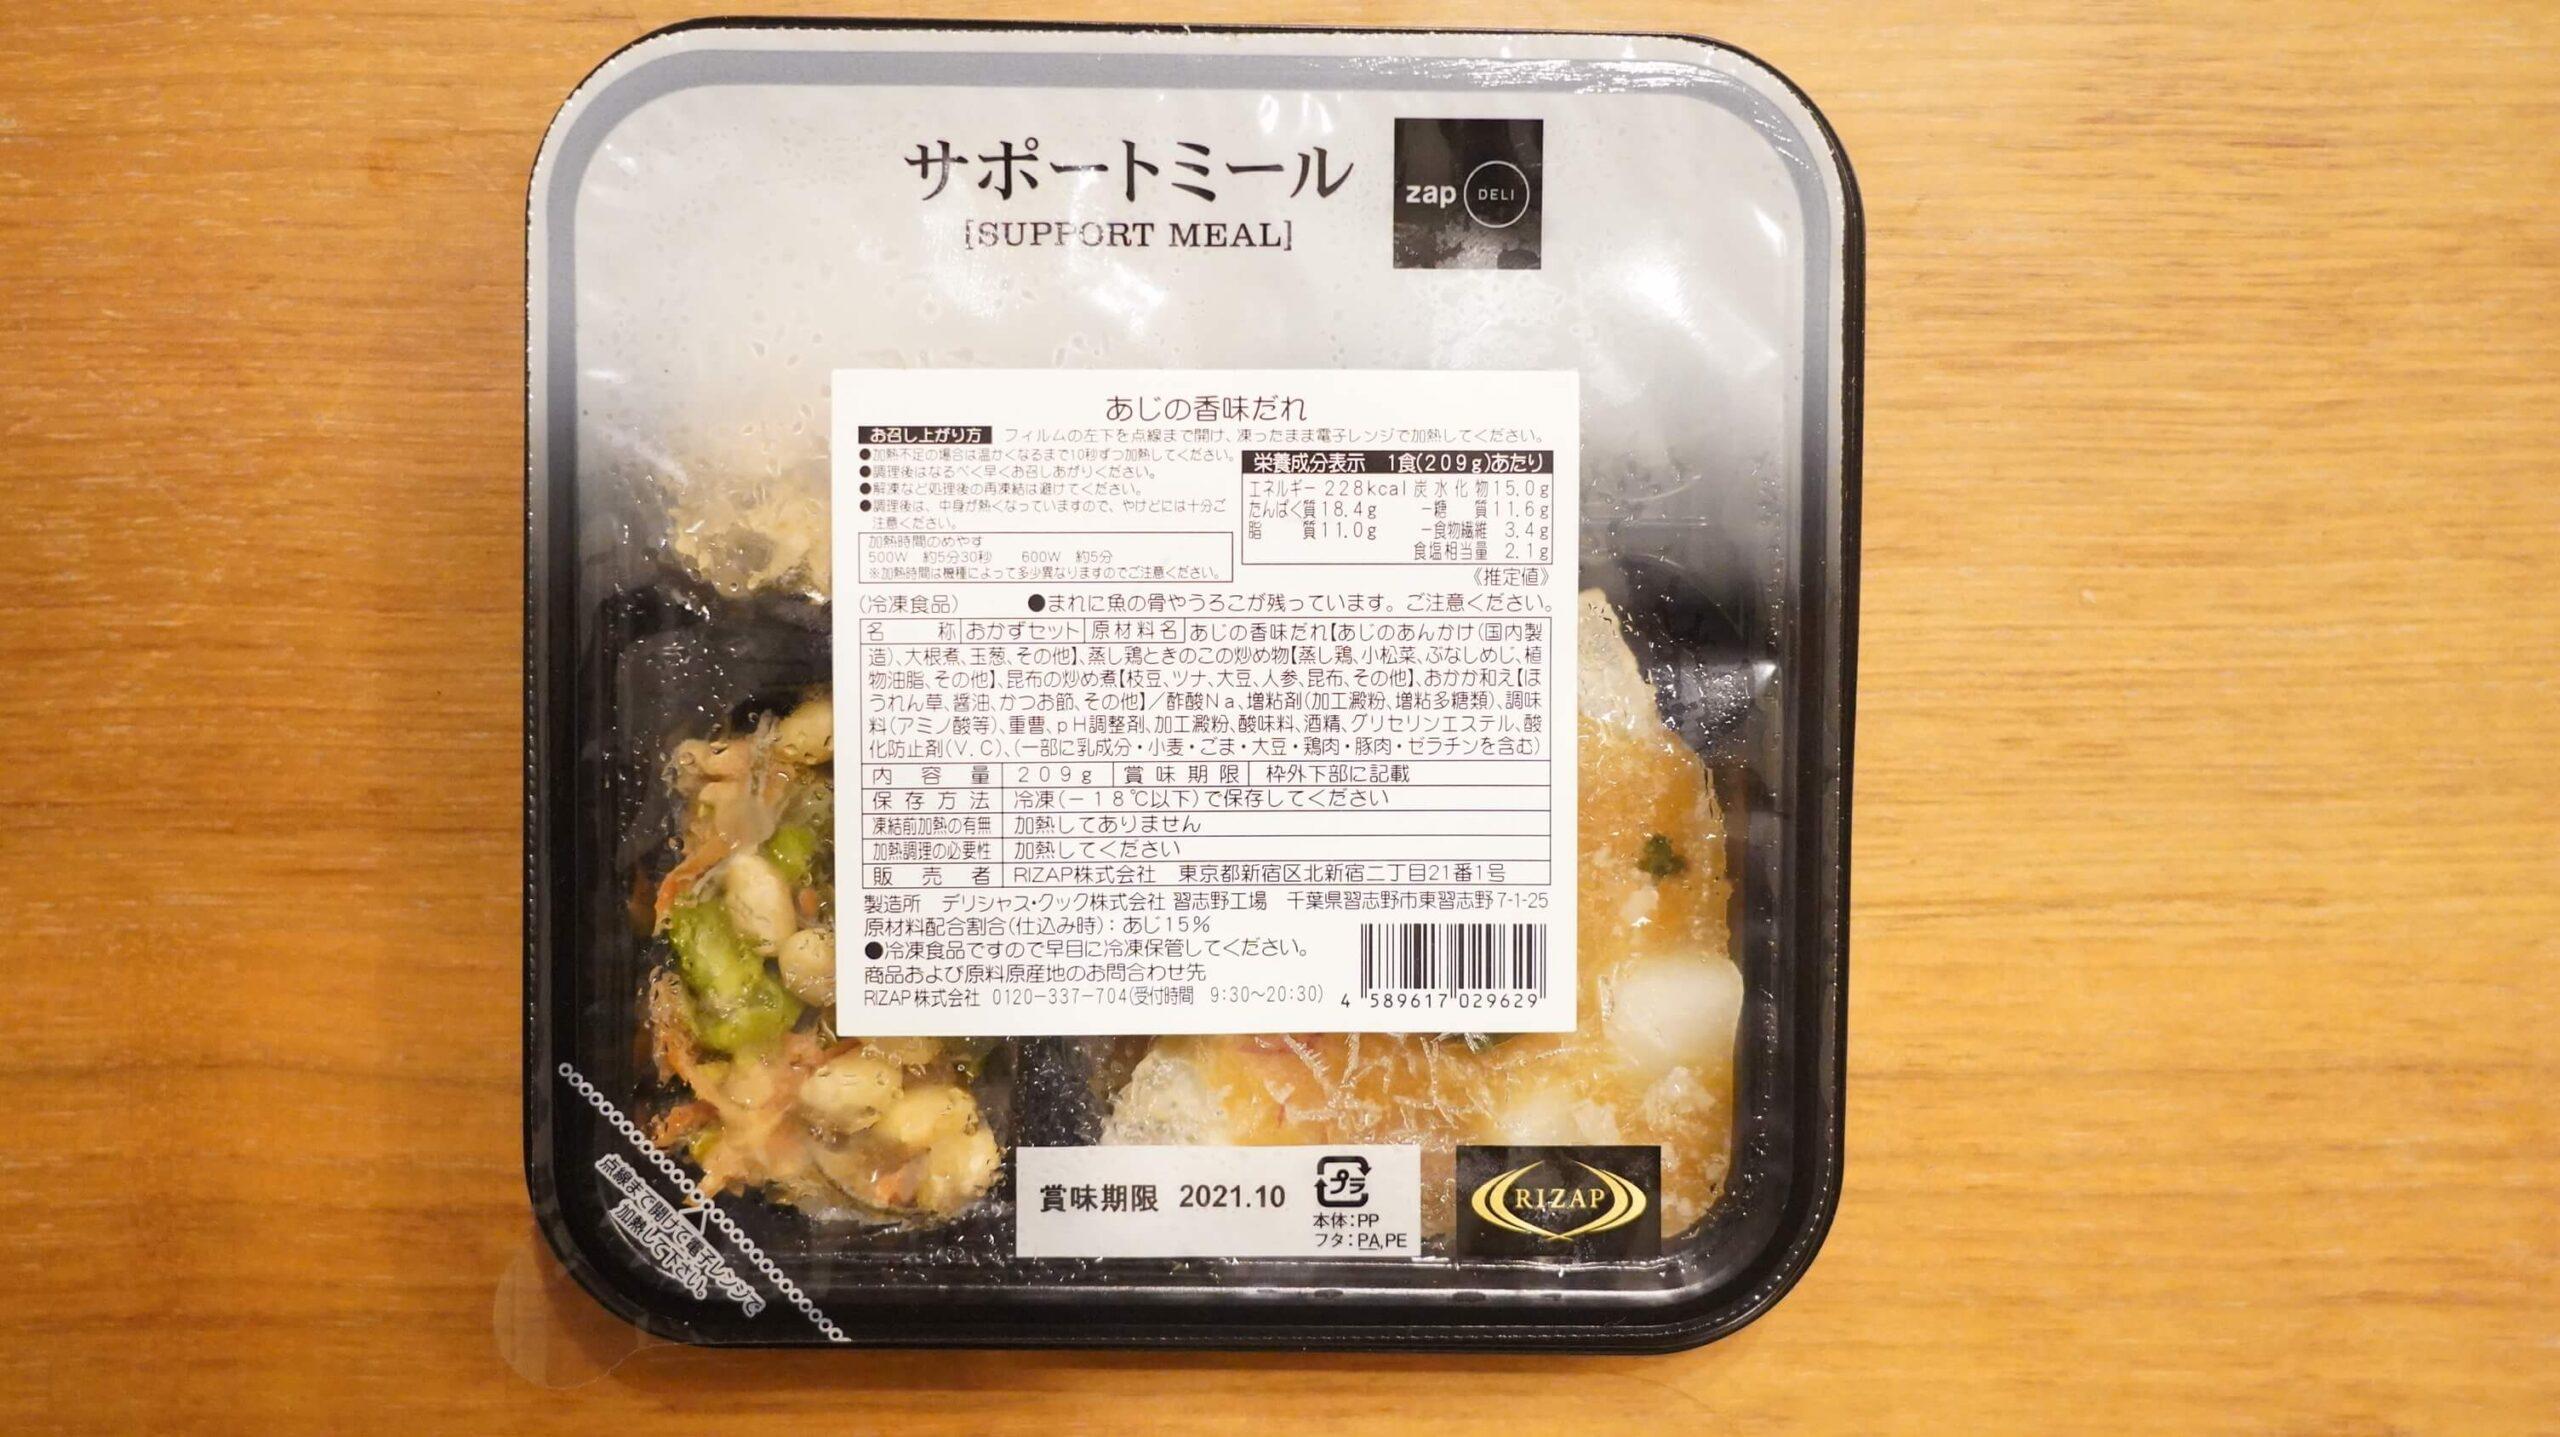 ライザップのサポートミール「あじの香味だれ」のパッケージの写真